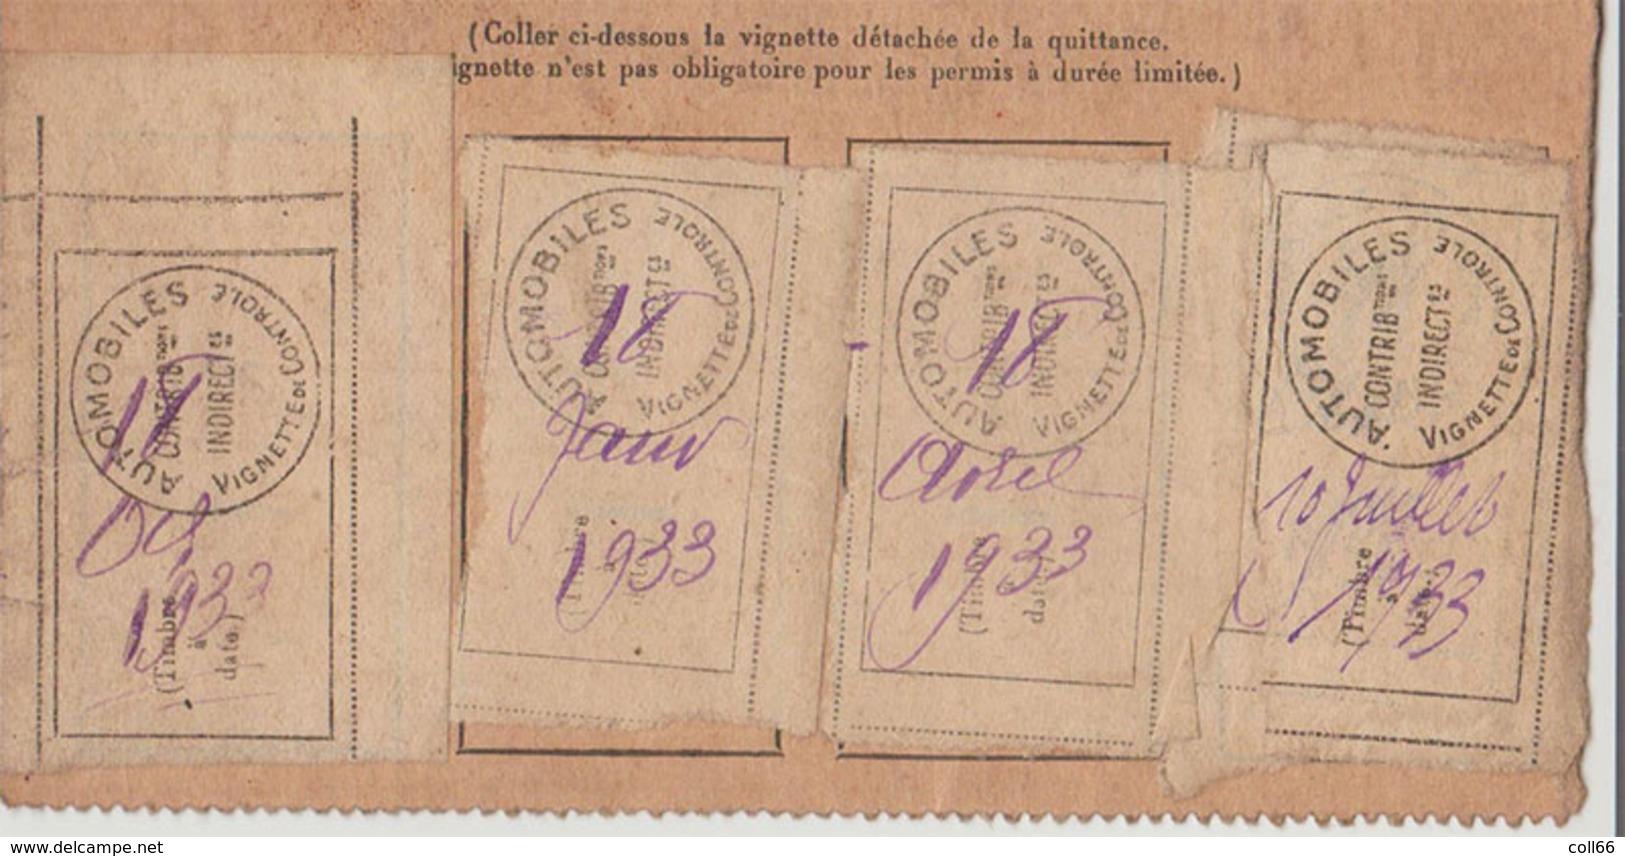 1930 RARE 4 Timbres Fiscaux Pour Automobiles 1ère Période Sans Valeur Gris Sur Paille Dentelés Sur Document - Fiscaux